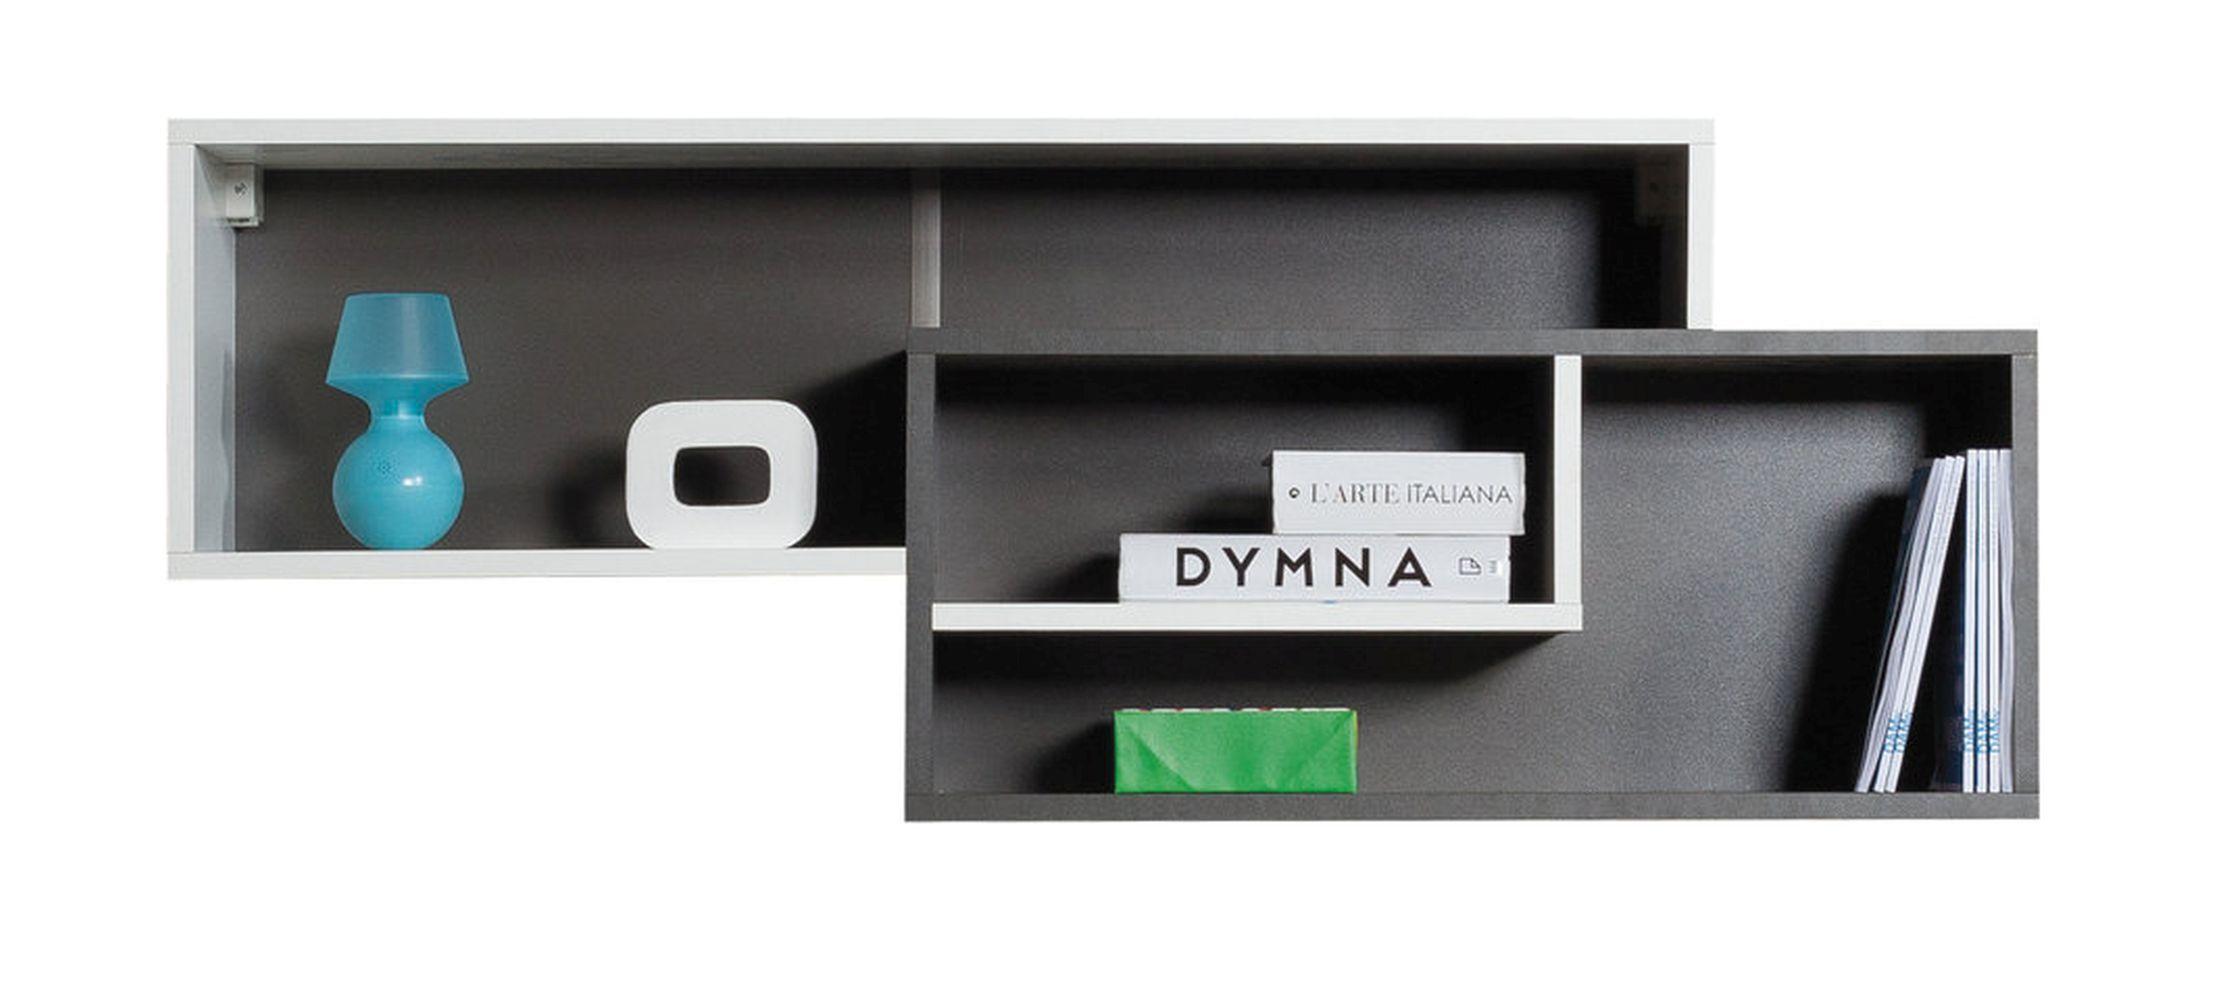 Hängeregal Ohey 11, Farbe: Grau Weiß Abmessungen: 30 x